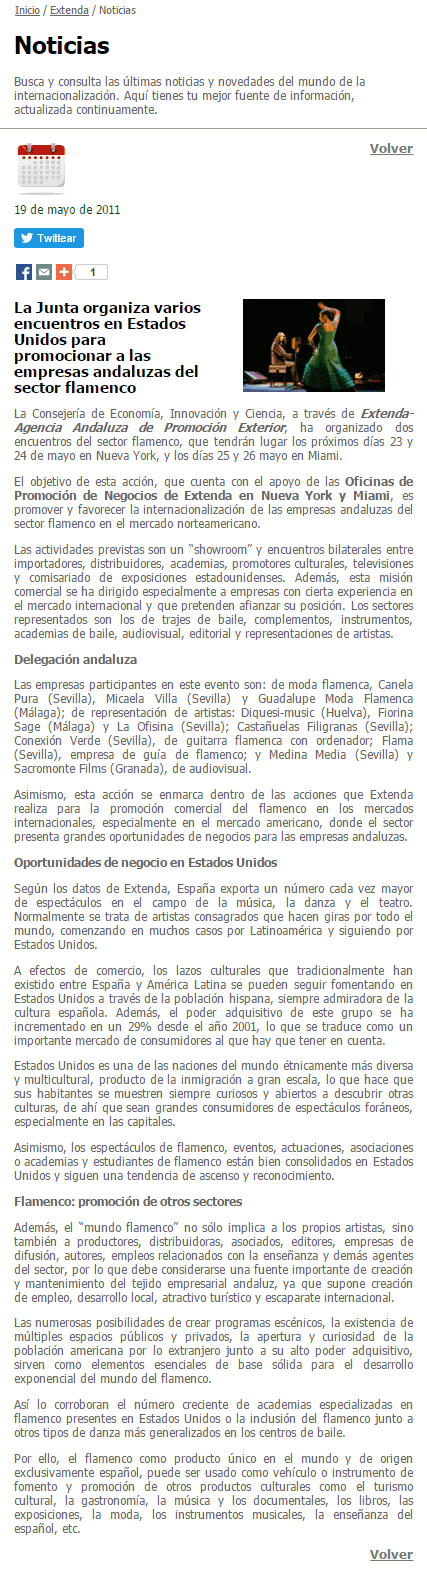 FireShot Capture 71 - La Junta organiza varios encuentros en - http www.extenda.es web opencms